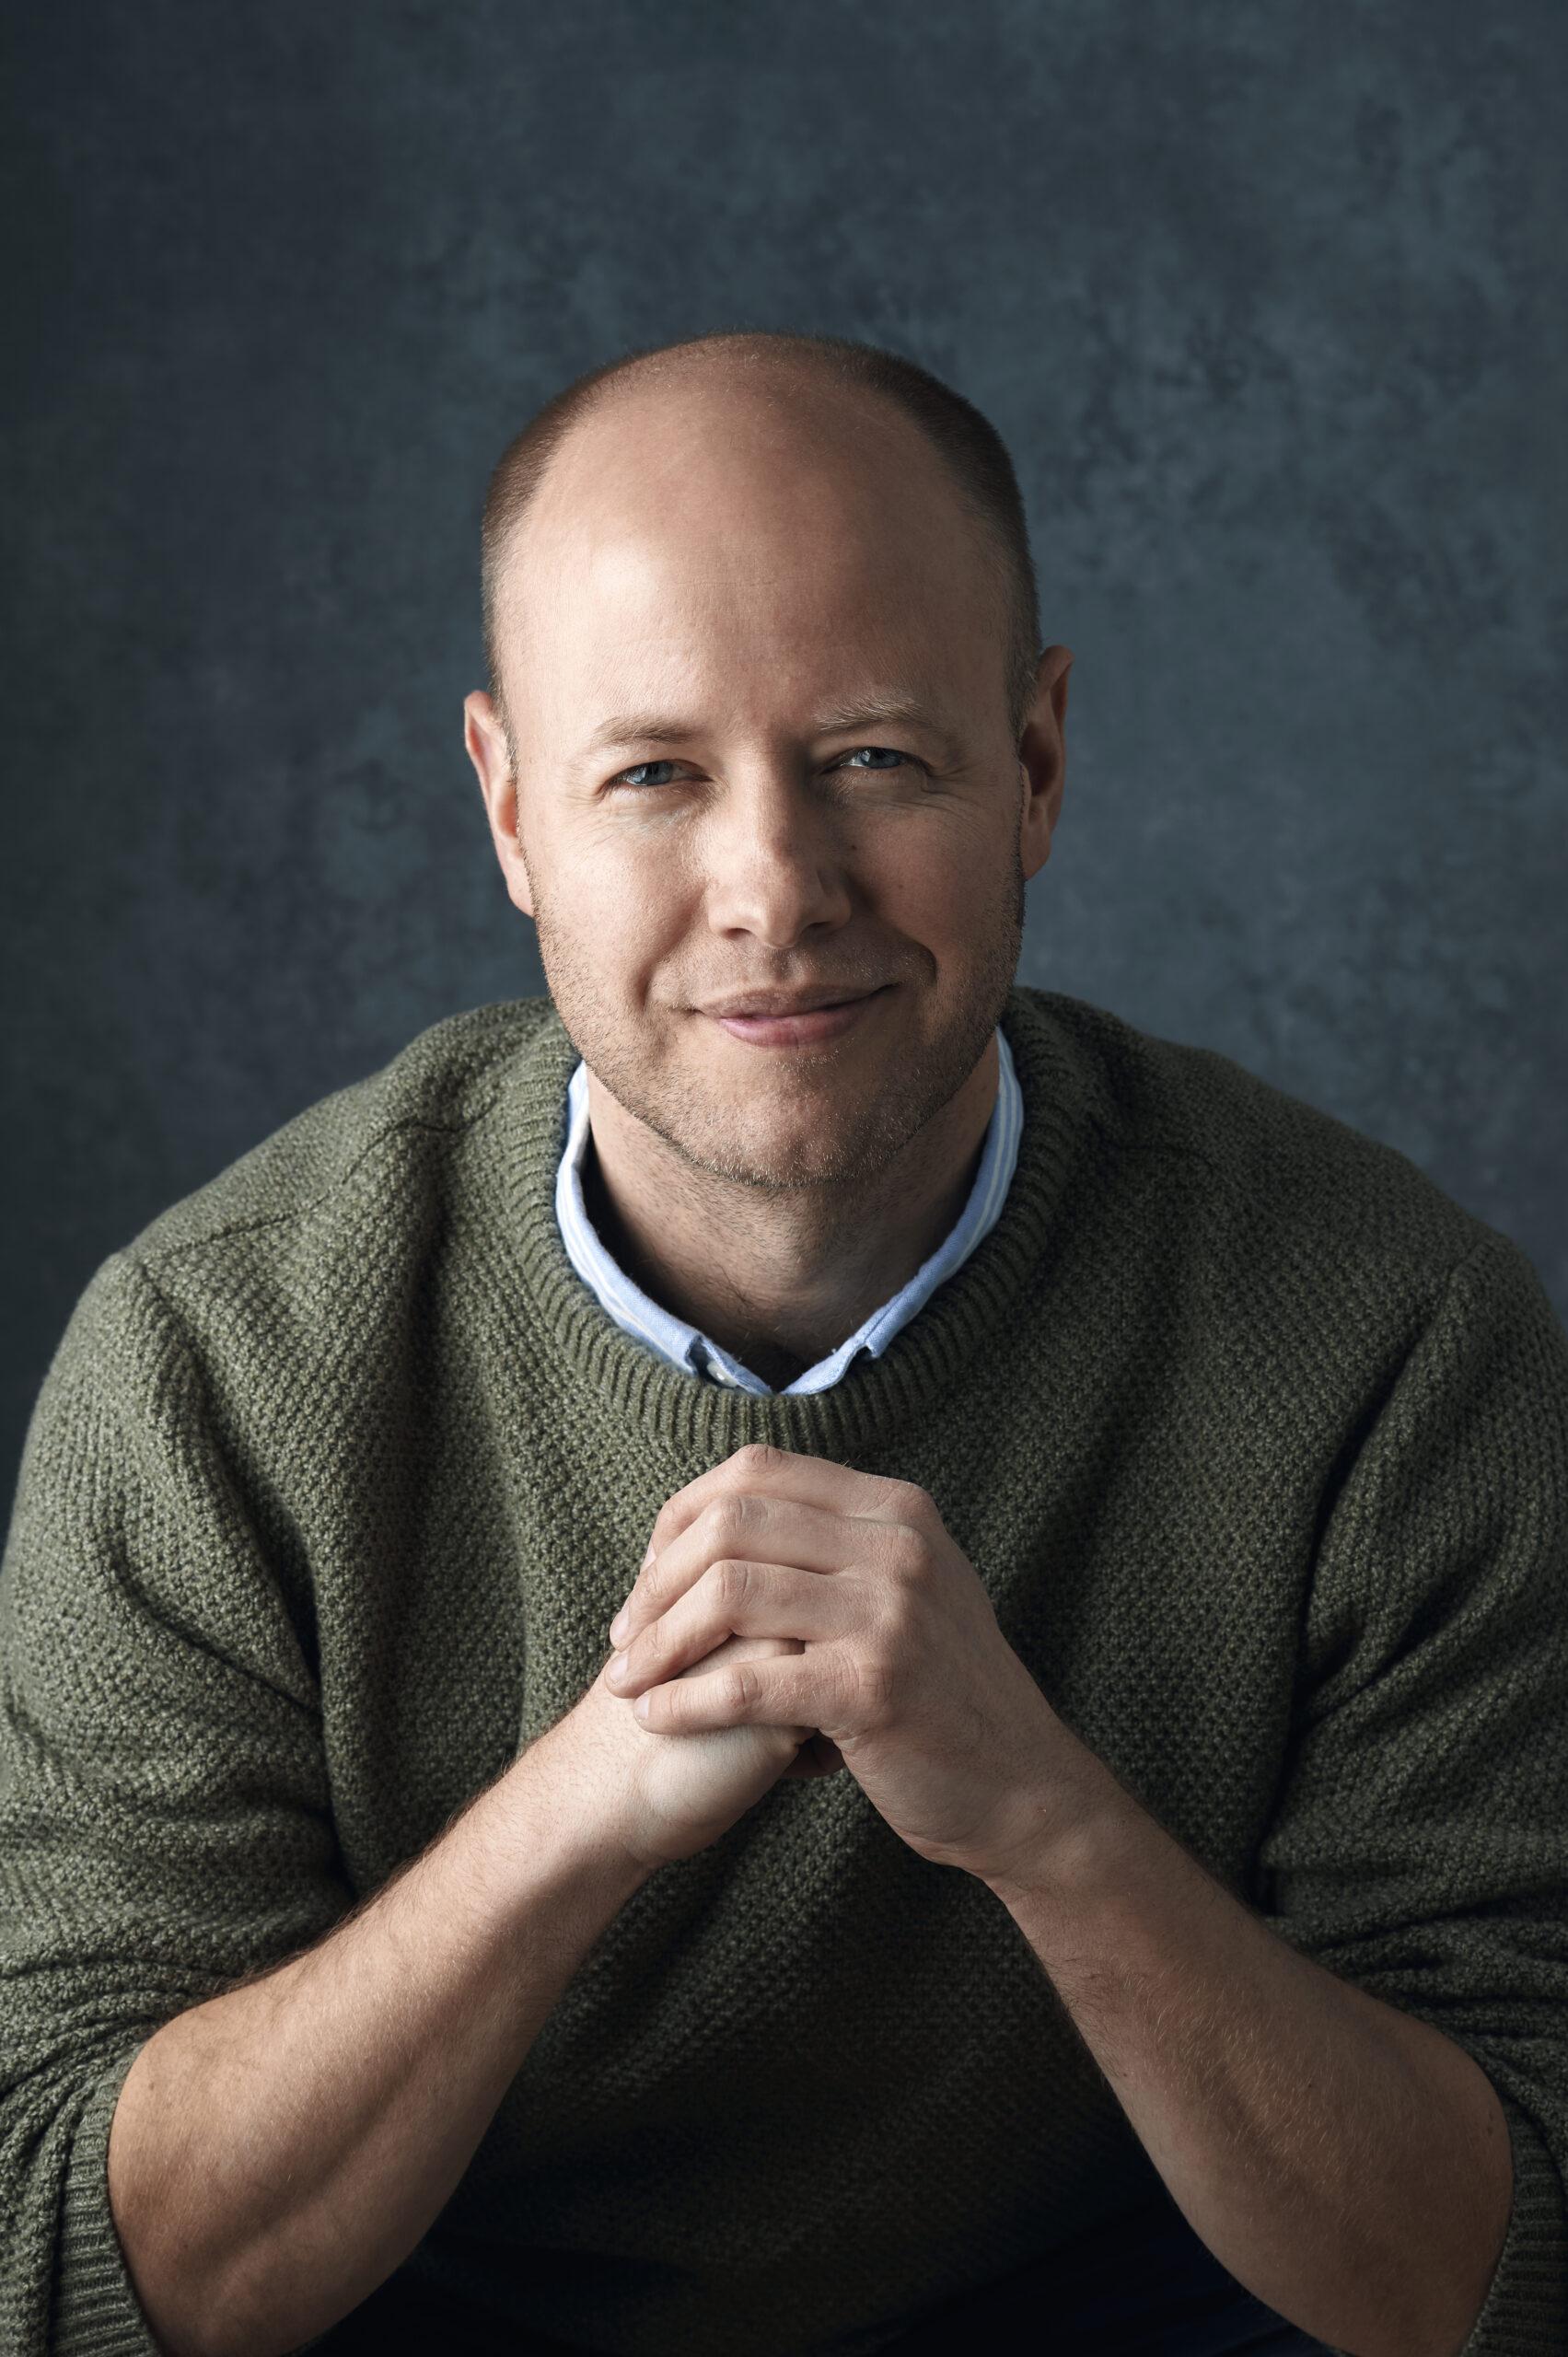 Eoin Schmidt-Martin